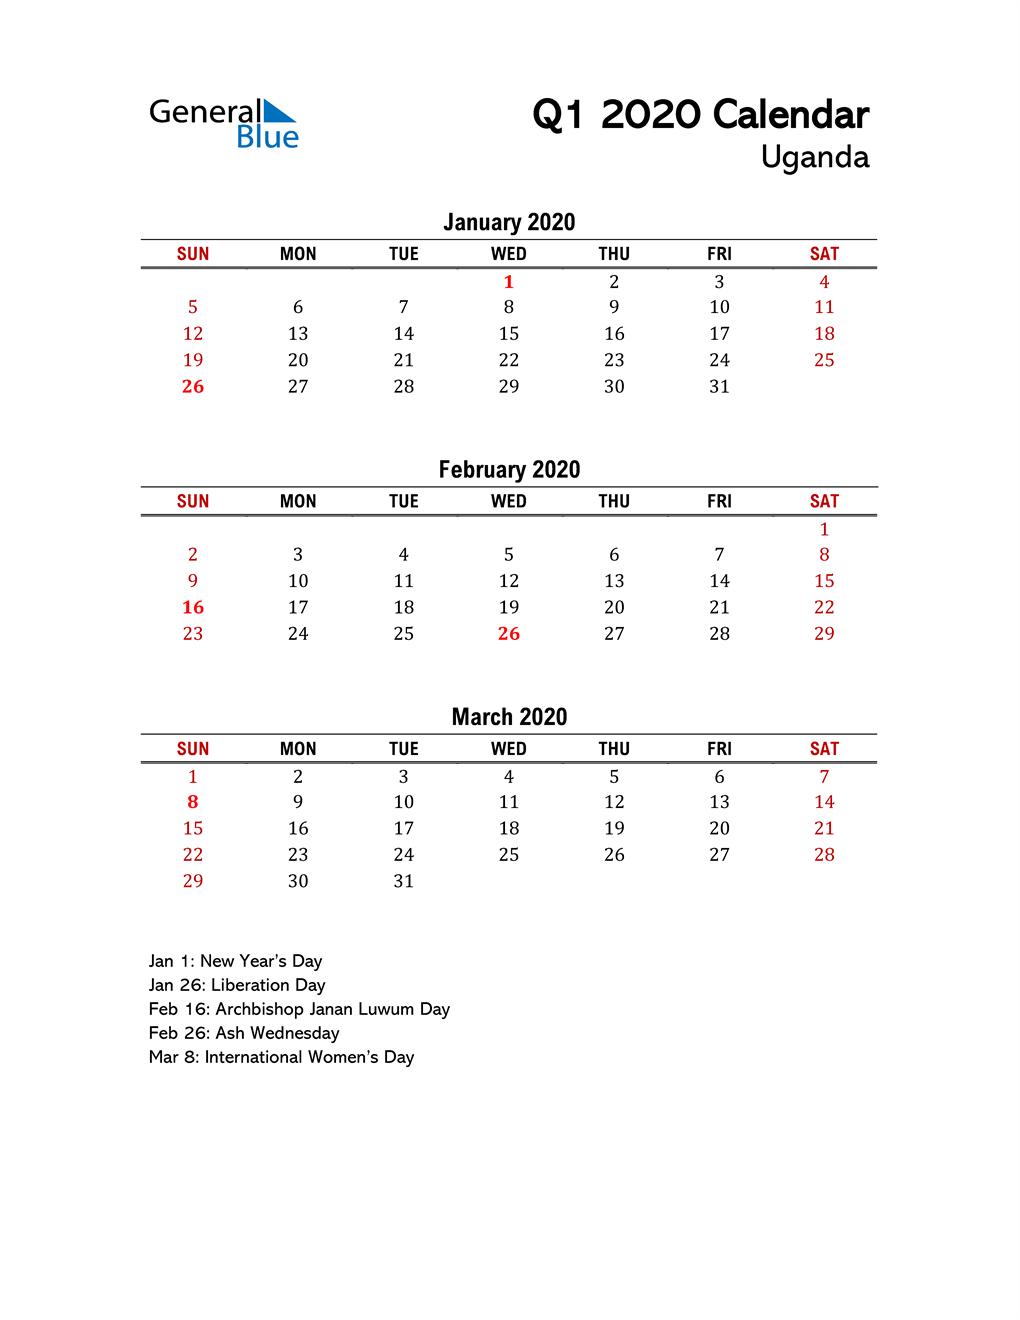 2020 Q1 Calendar with Holidays List